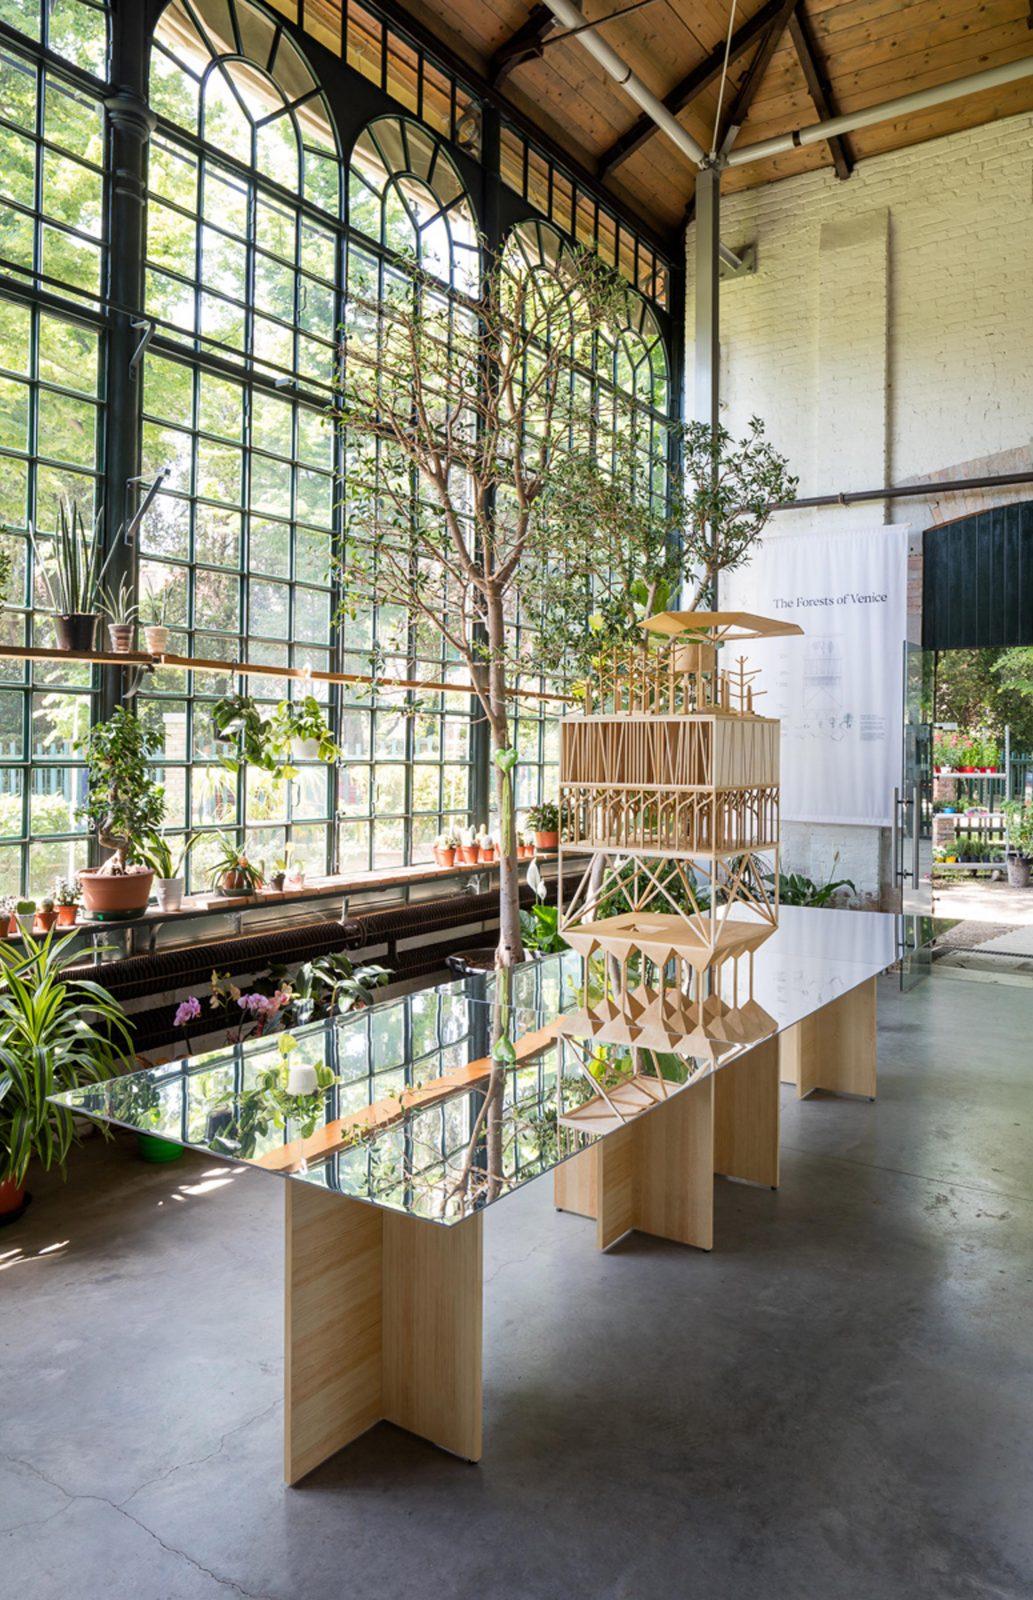 KjellanderSjoberg The Forests of Venice interior model